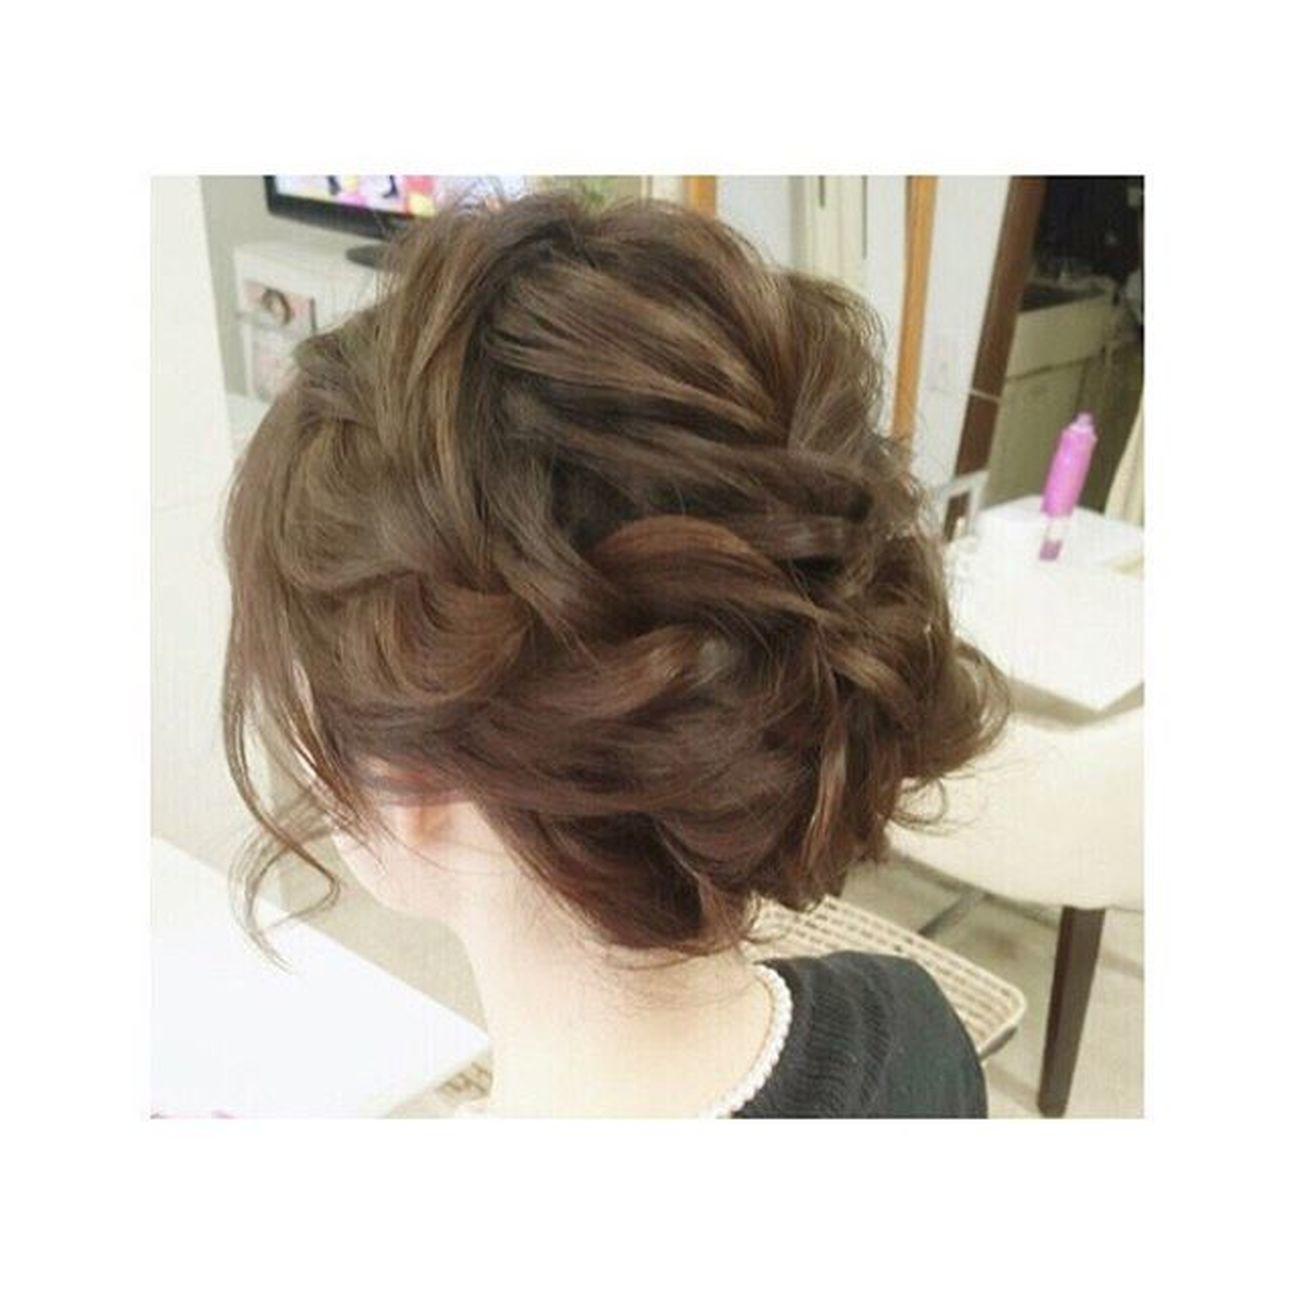 肩につかないボフのお客様♡ アップに出来ます♪ ヘアアレンジ ヘアセット Hair ゼット 美容 セットサロン 錦 編み込み ルーズ ショート